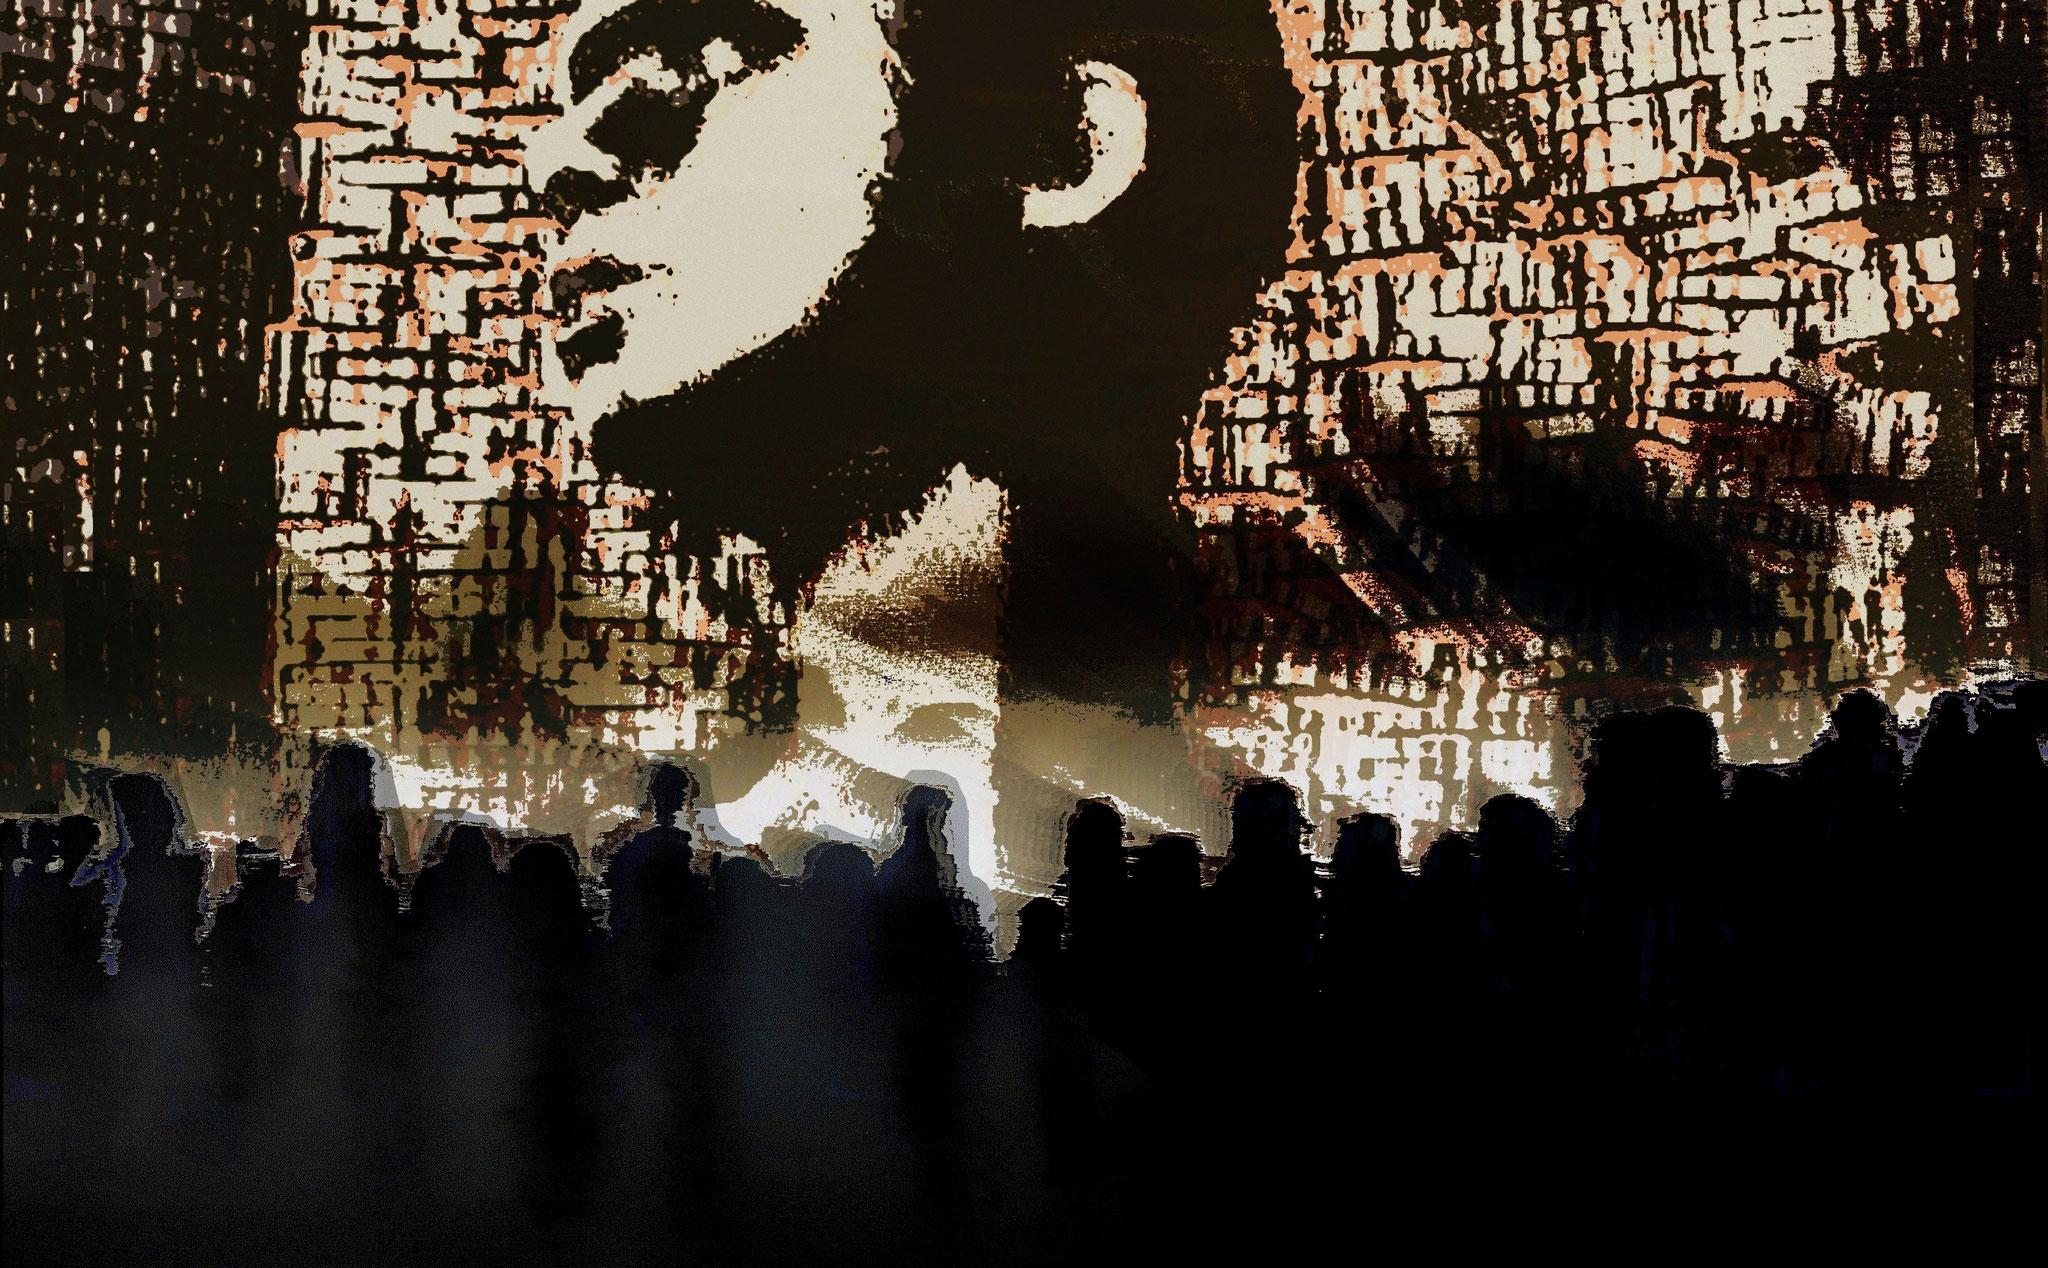 Wir folgen der Führerin - Digital Remix des Bildes SCHNEEWITTCHEN mit einem Bild der Serie steps into the unknown